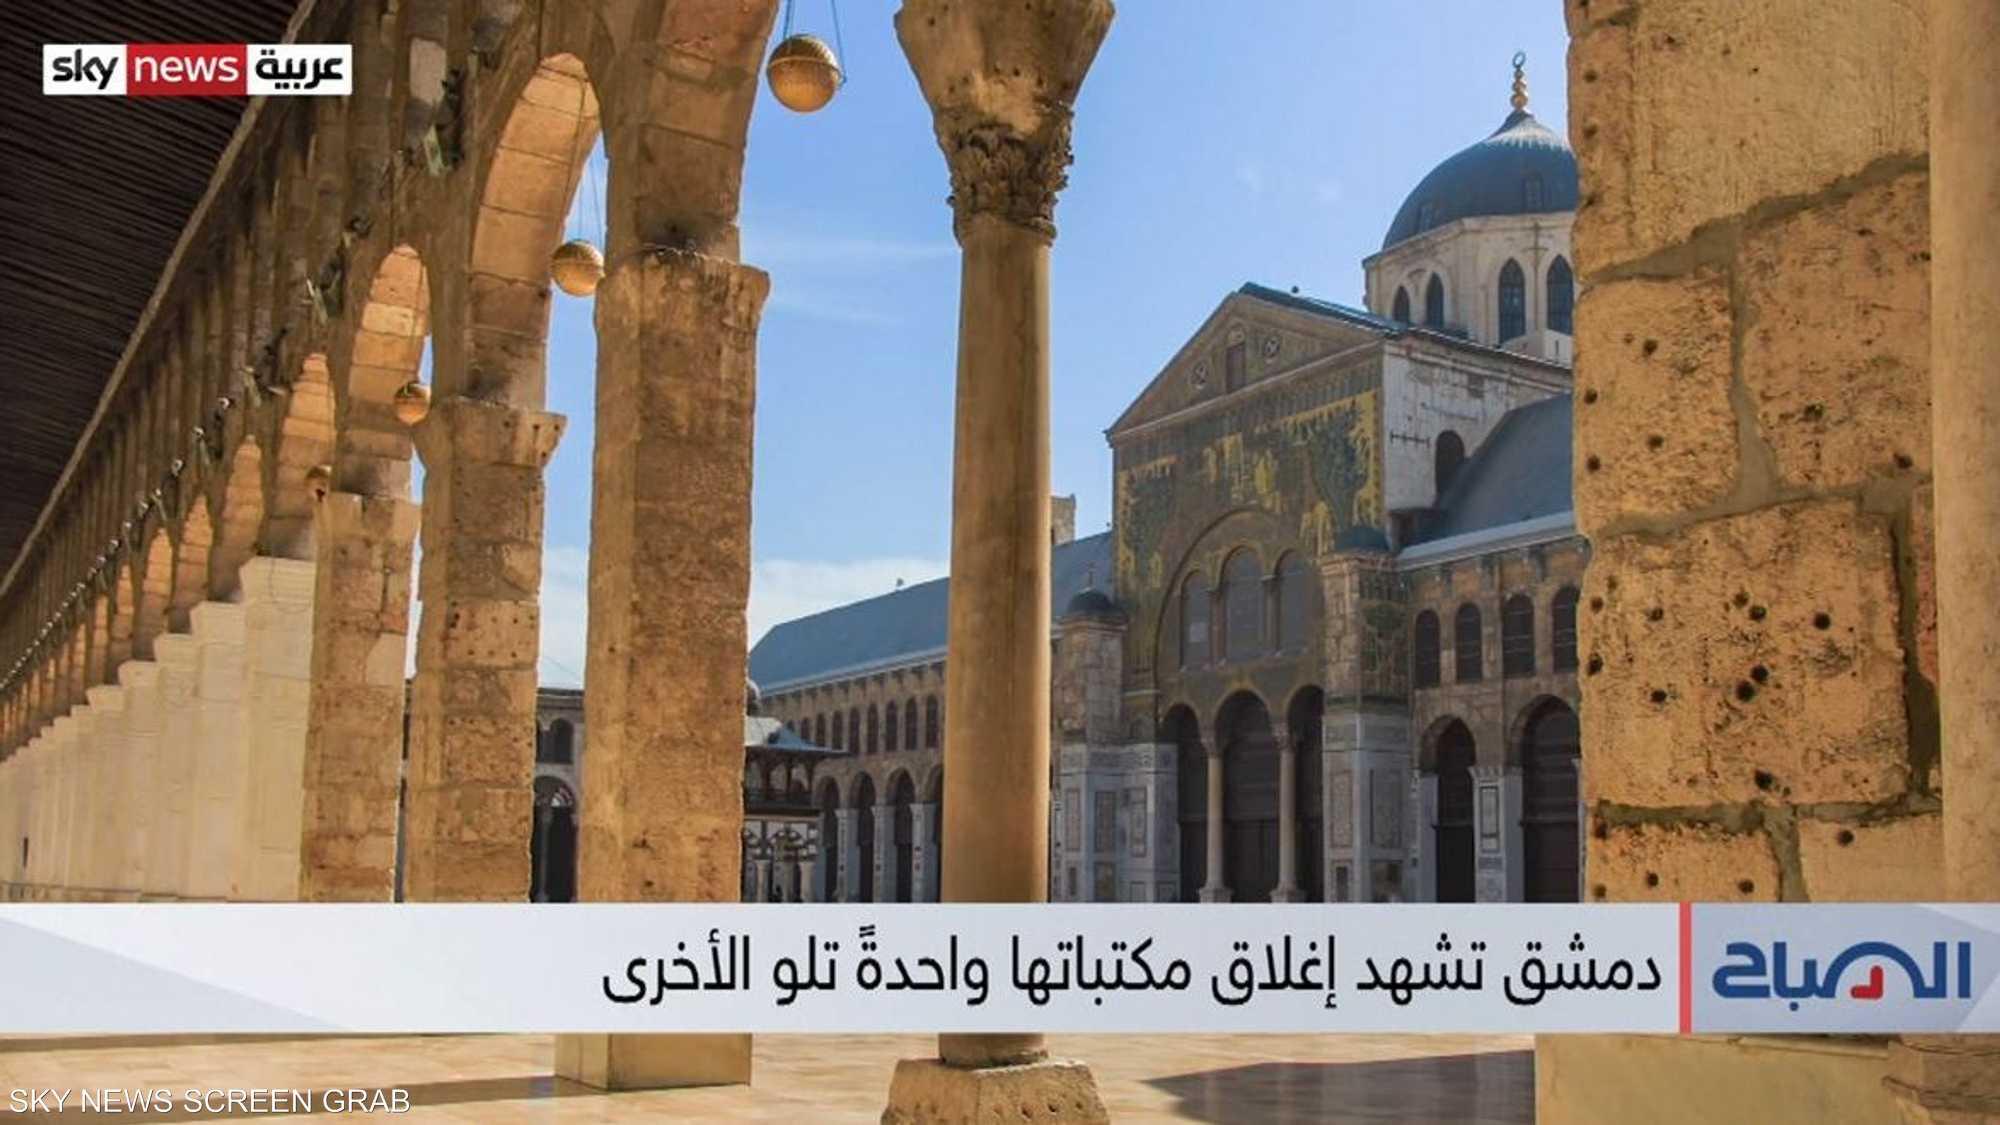 الحرب تجبر مكتبات دمشق على الإغلاق